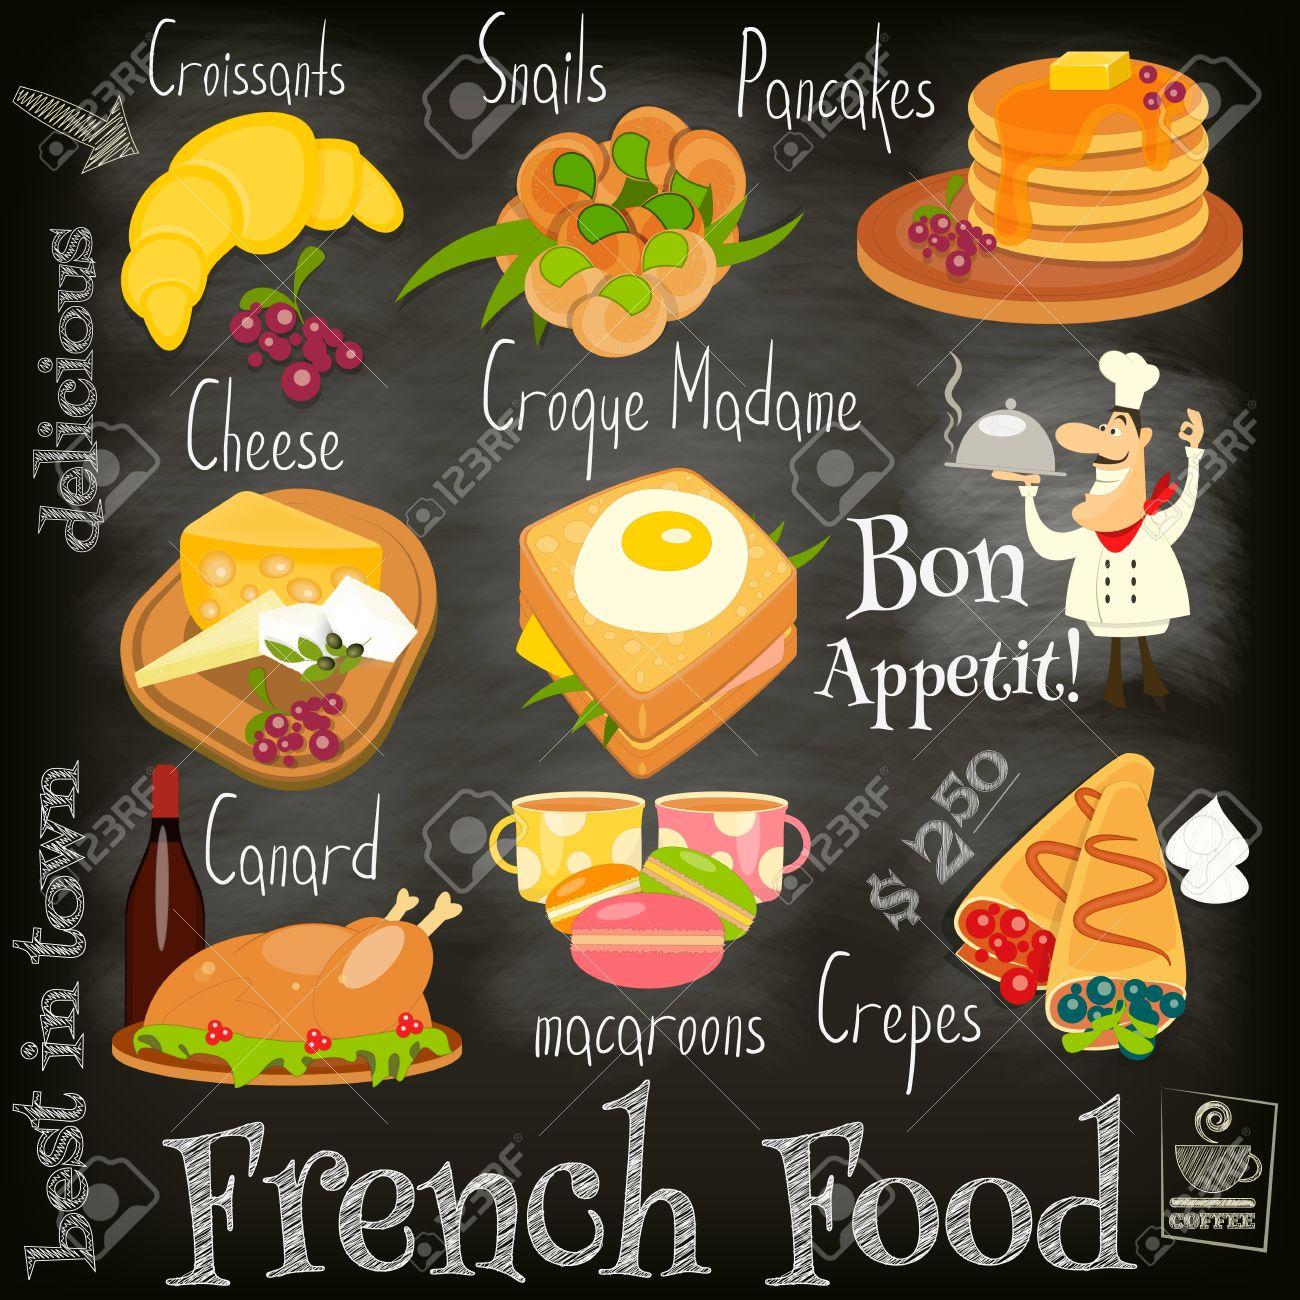 Französisch-Food-Menü-Karte Mit Traditionellen Essen Auf Tafel ...